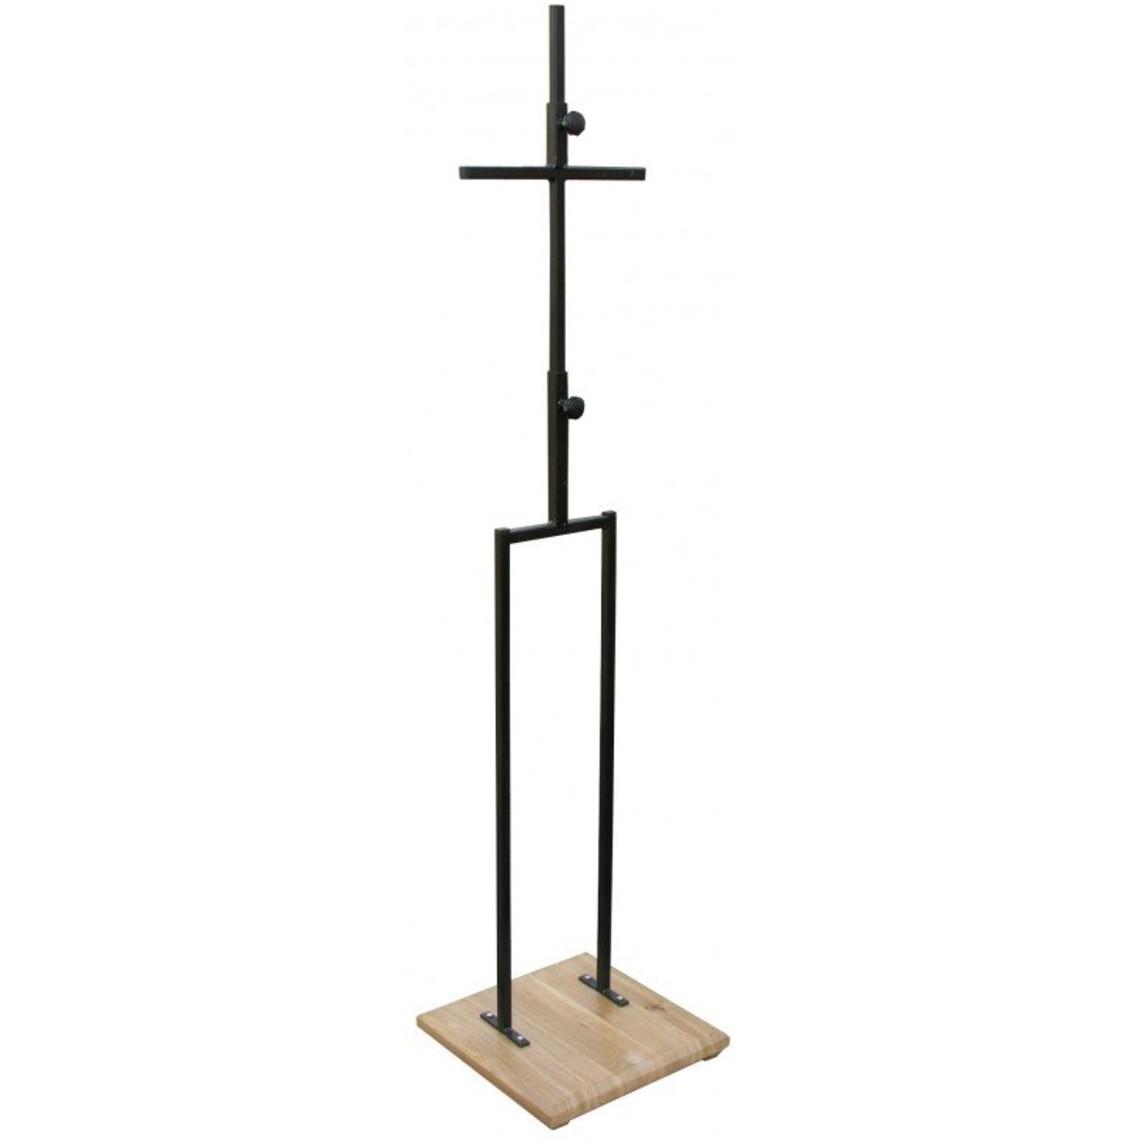 Ausfahrbaren Ständer, 160-190 cm